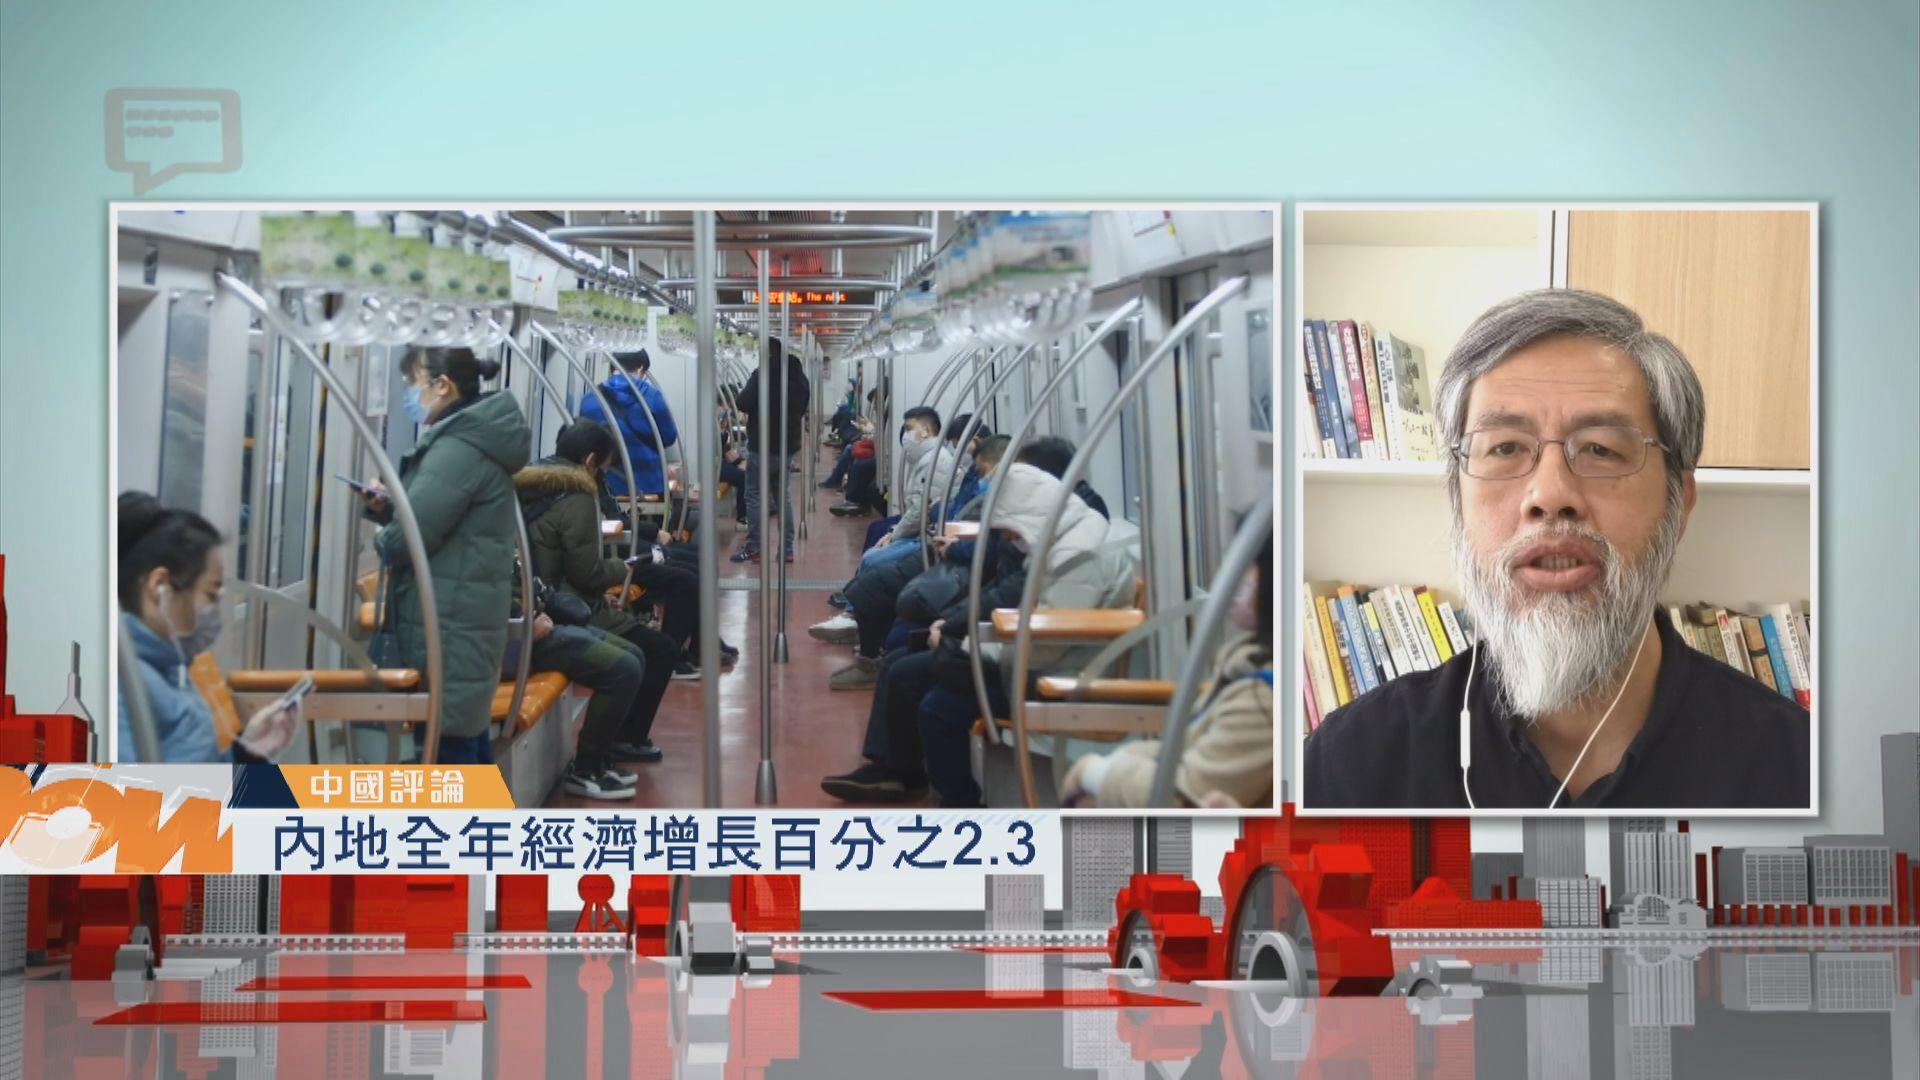 【中國評論】內地全年經濟增長